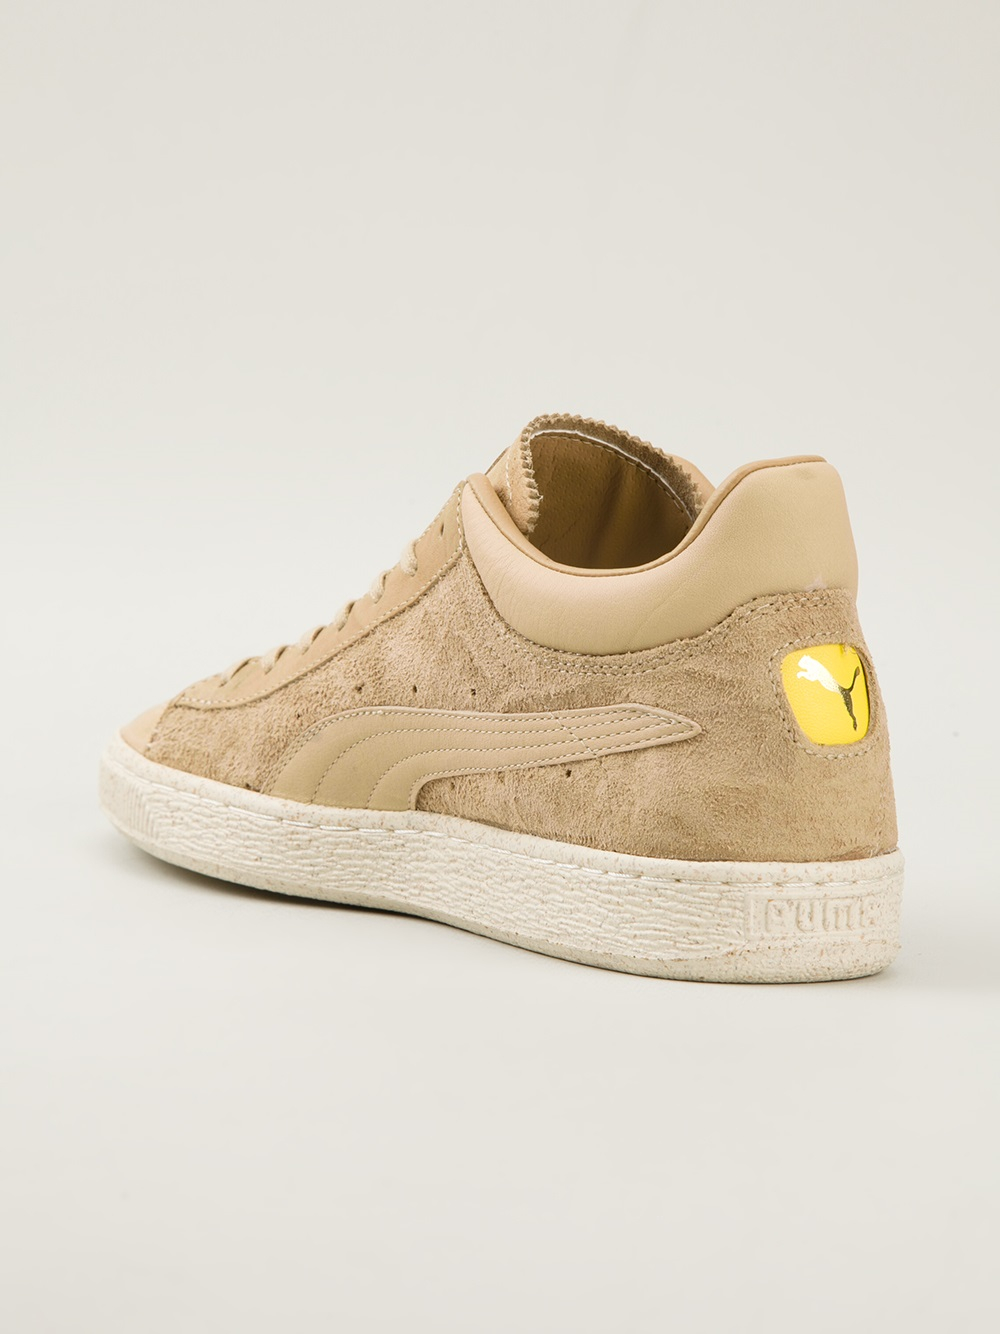 Puma Sneakers Beige